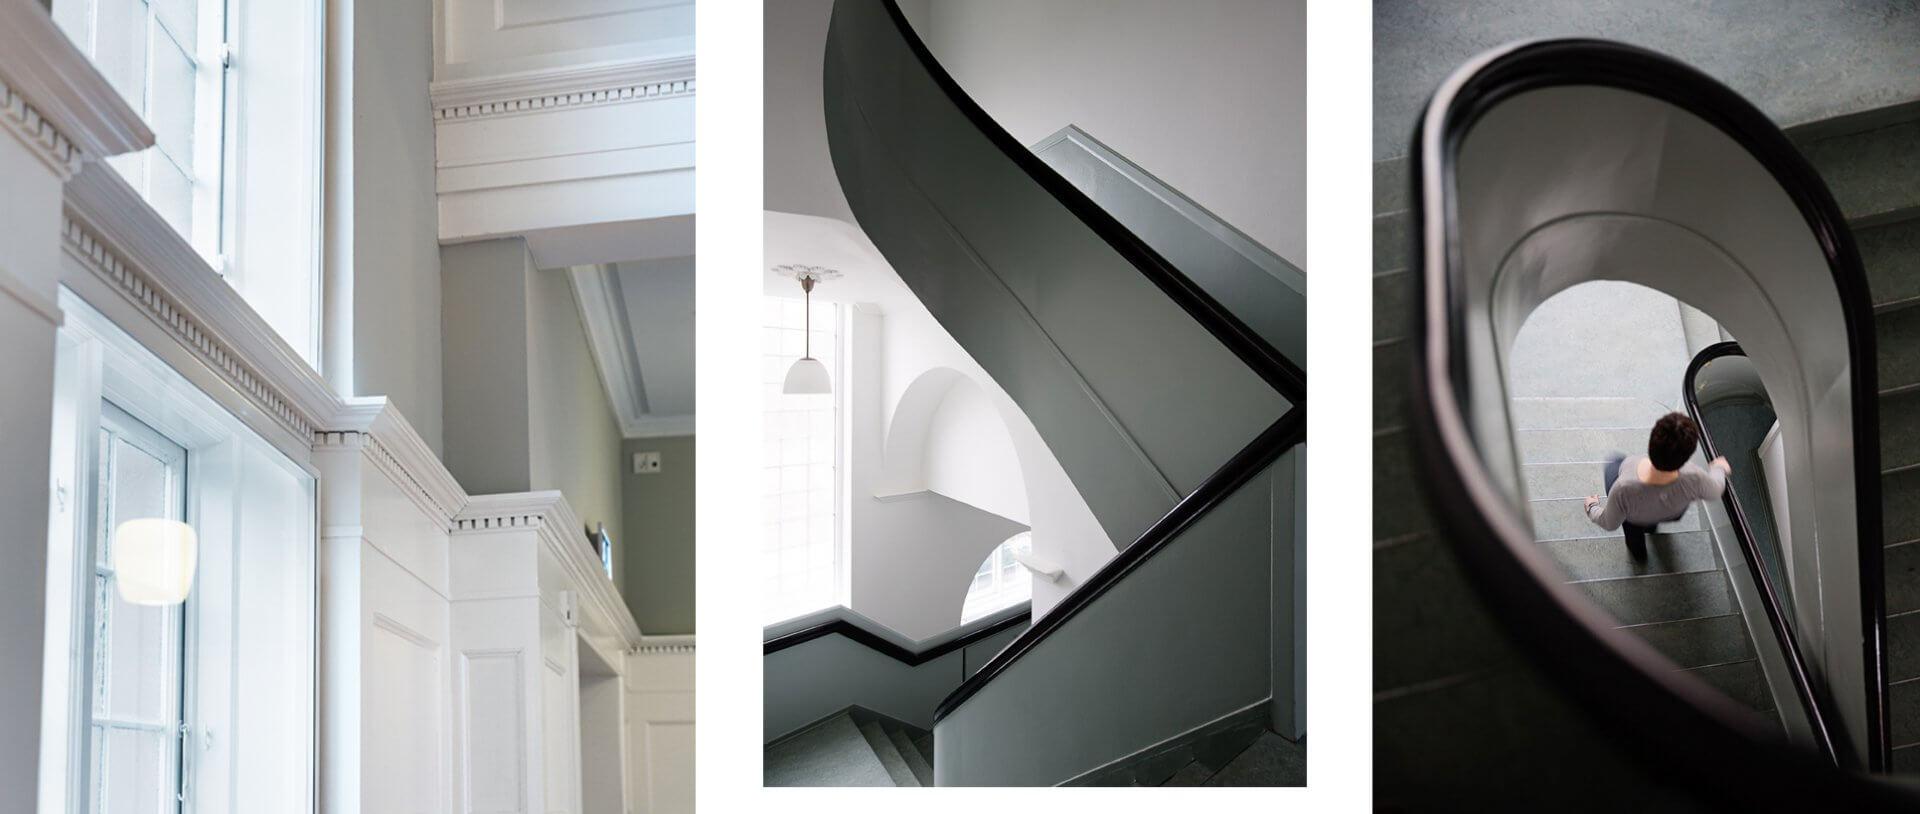 Farvesætning af trapper og paneler